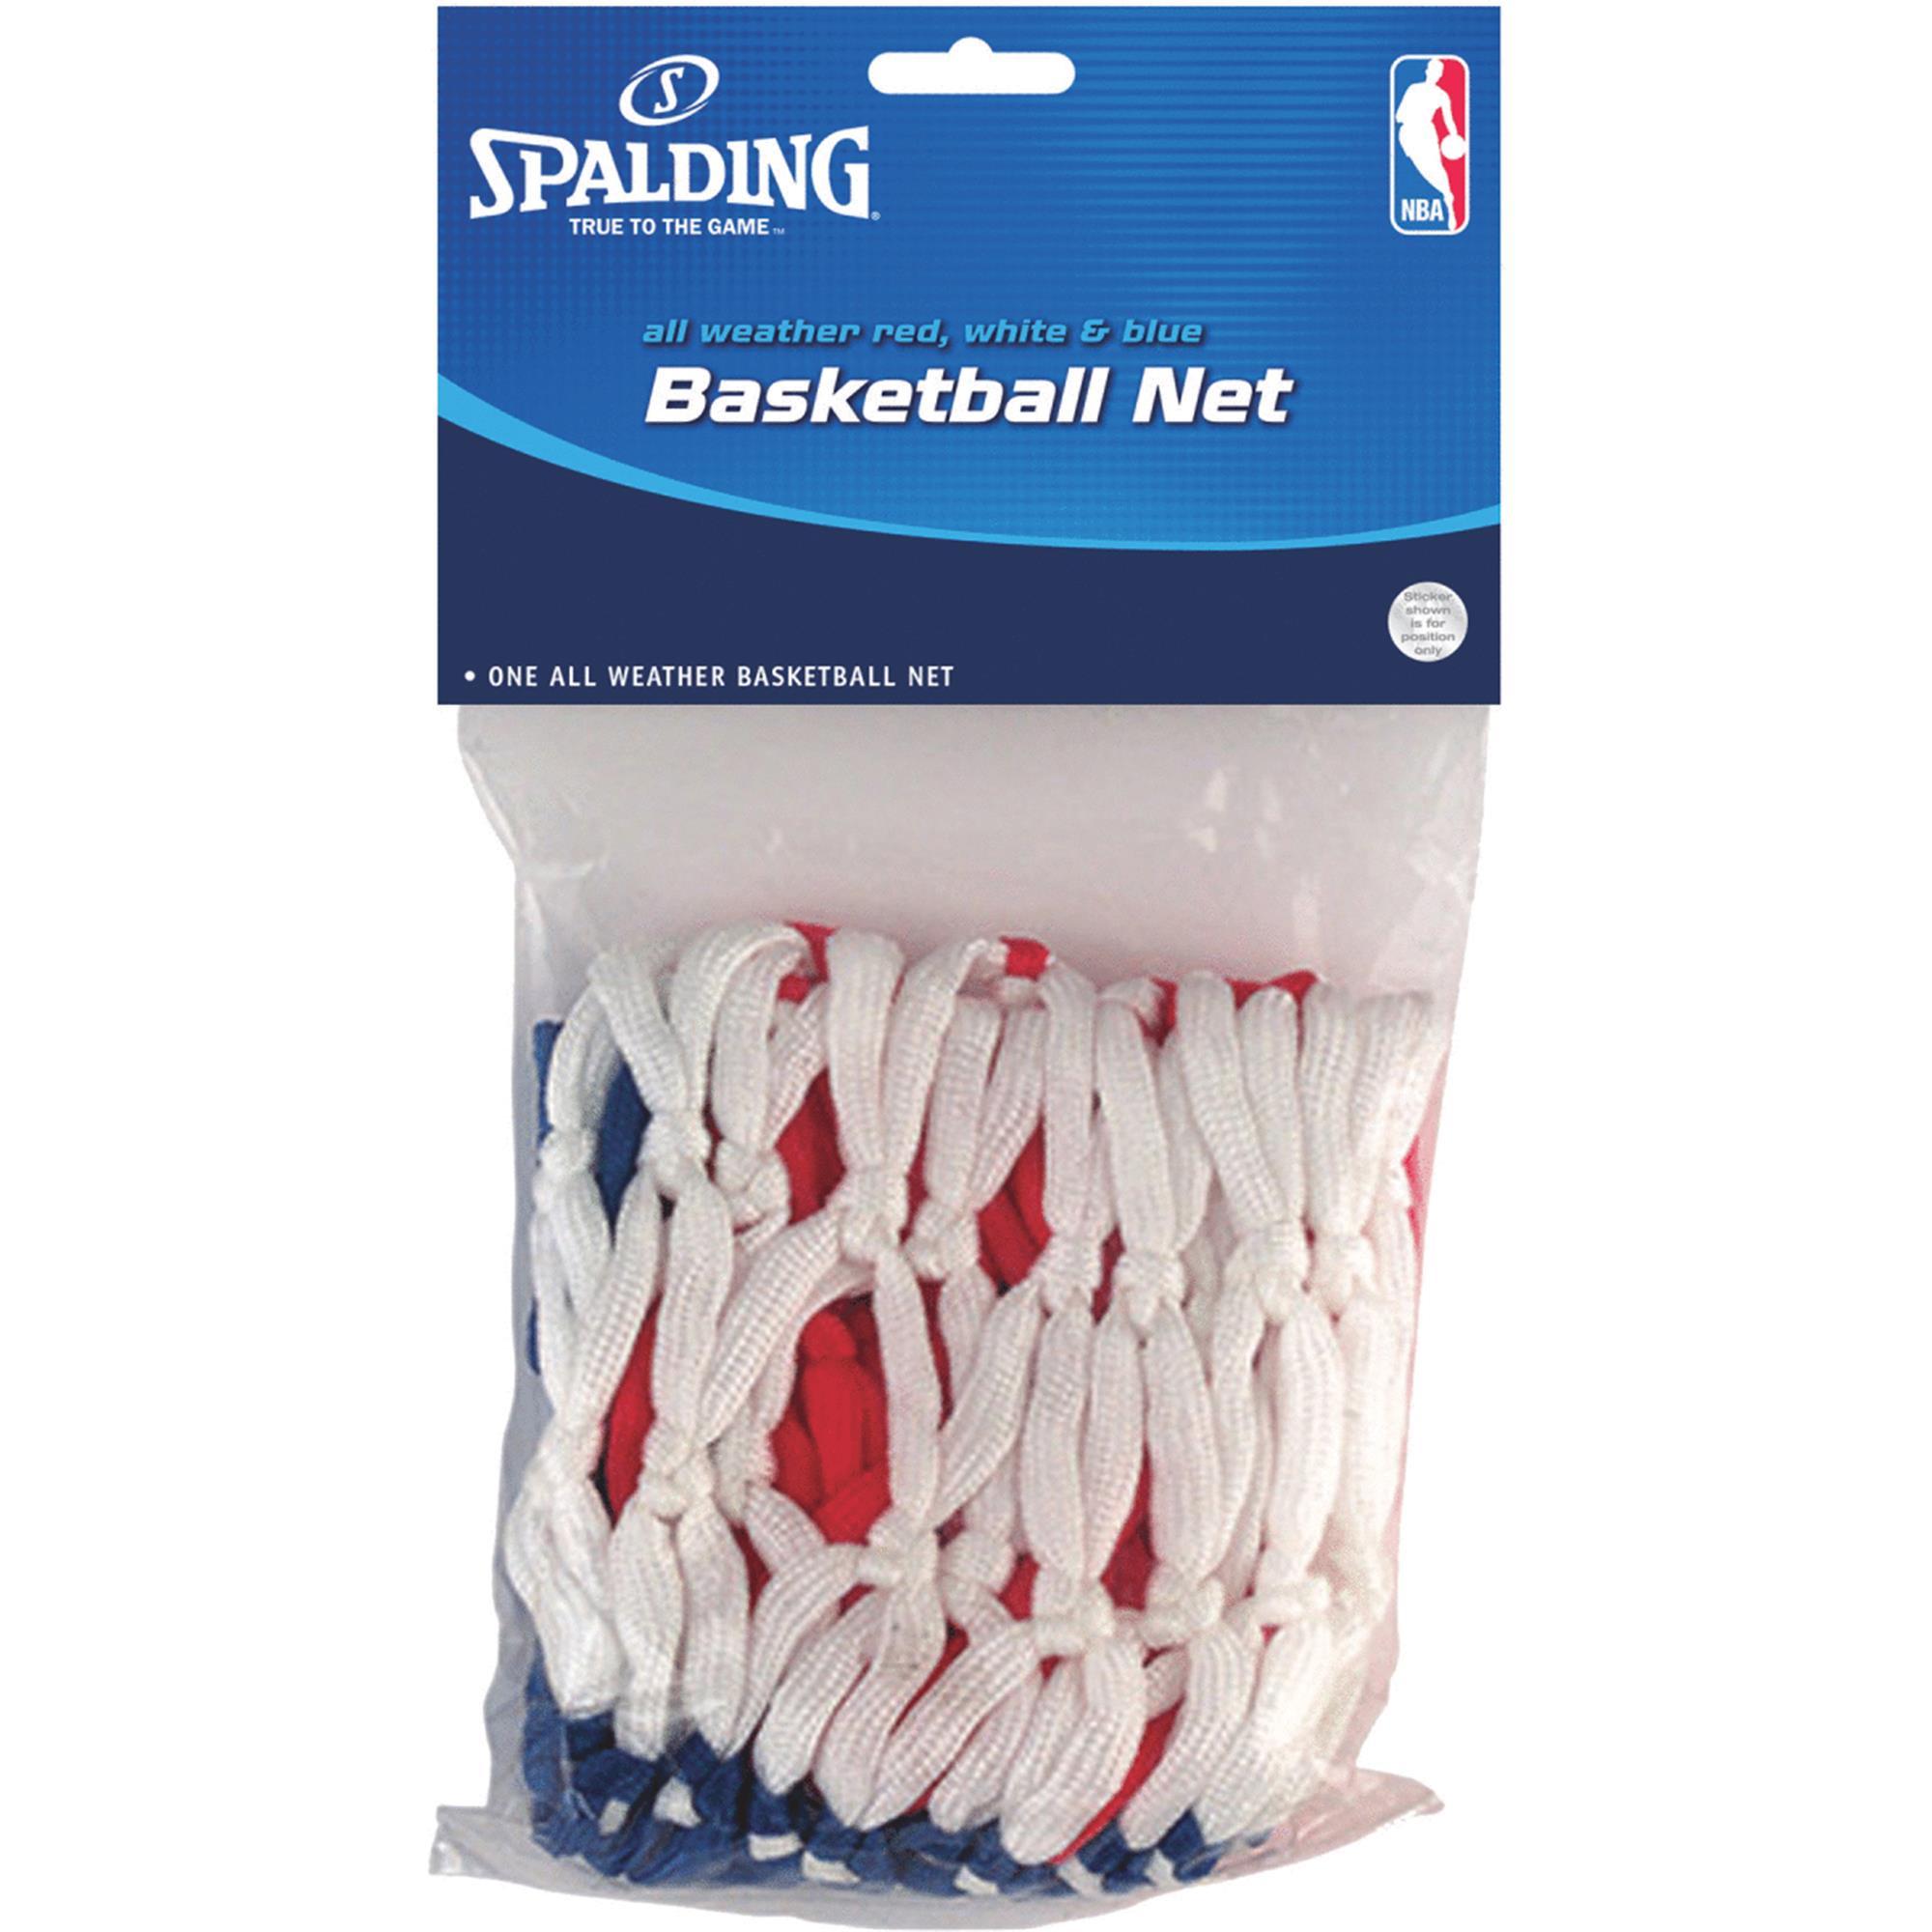 Pro-Shot Basketball Net